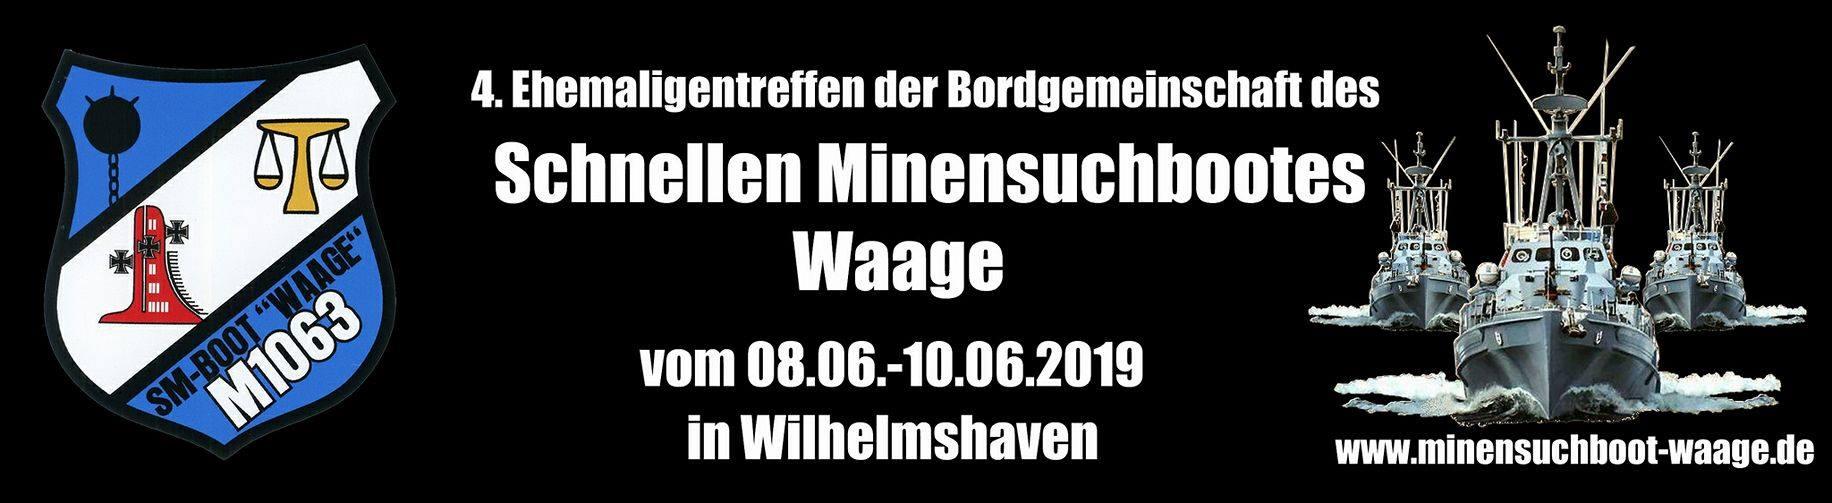 Wilhelmshaven 2019